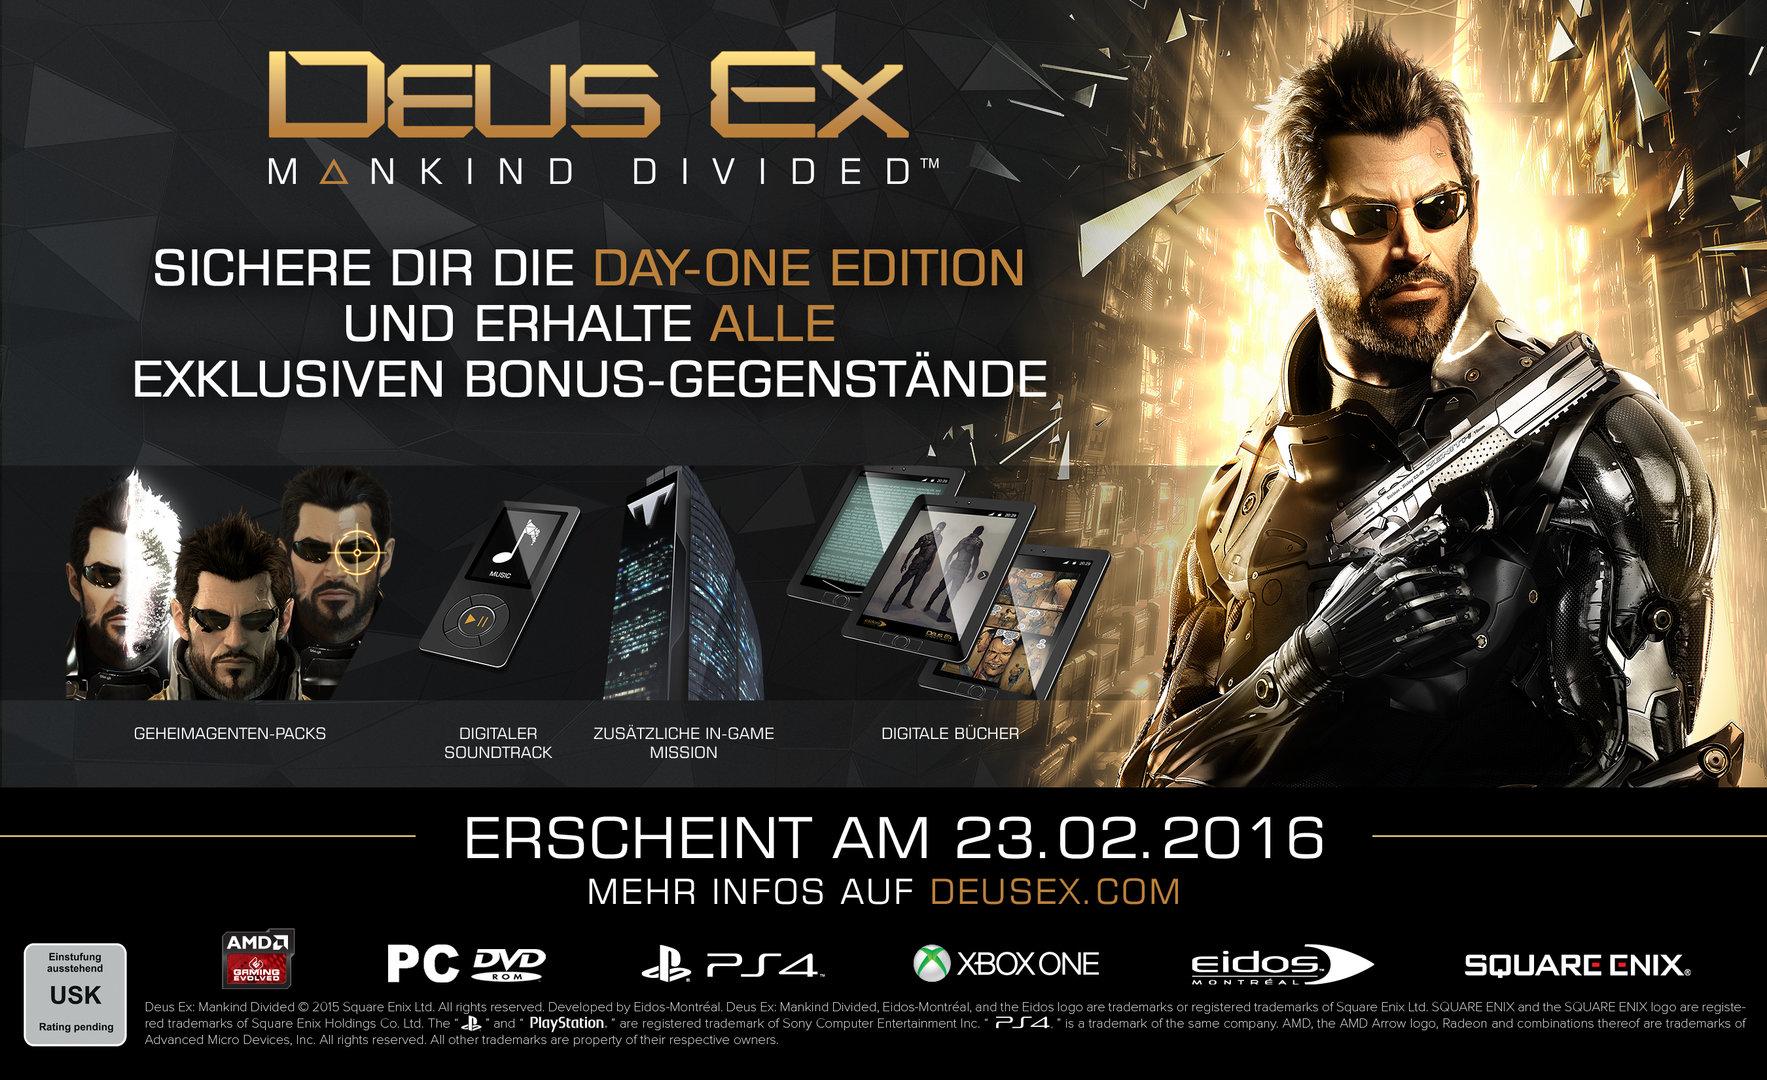 Day-One-Edition von Deus Ex